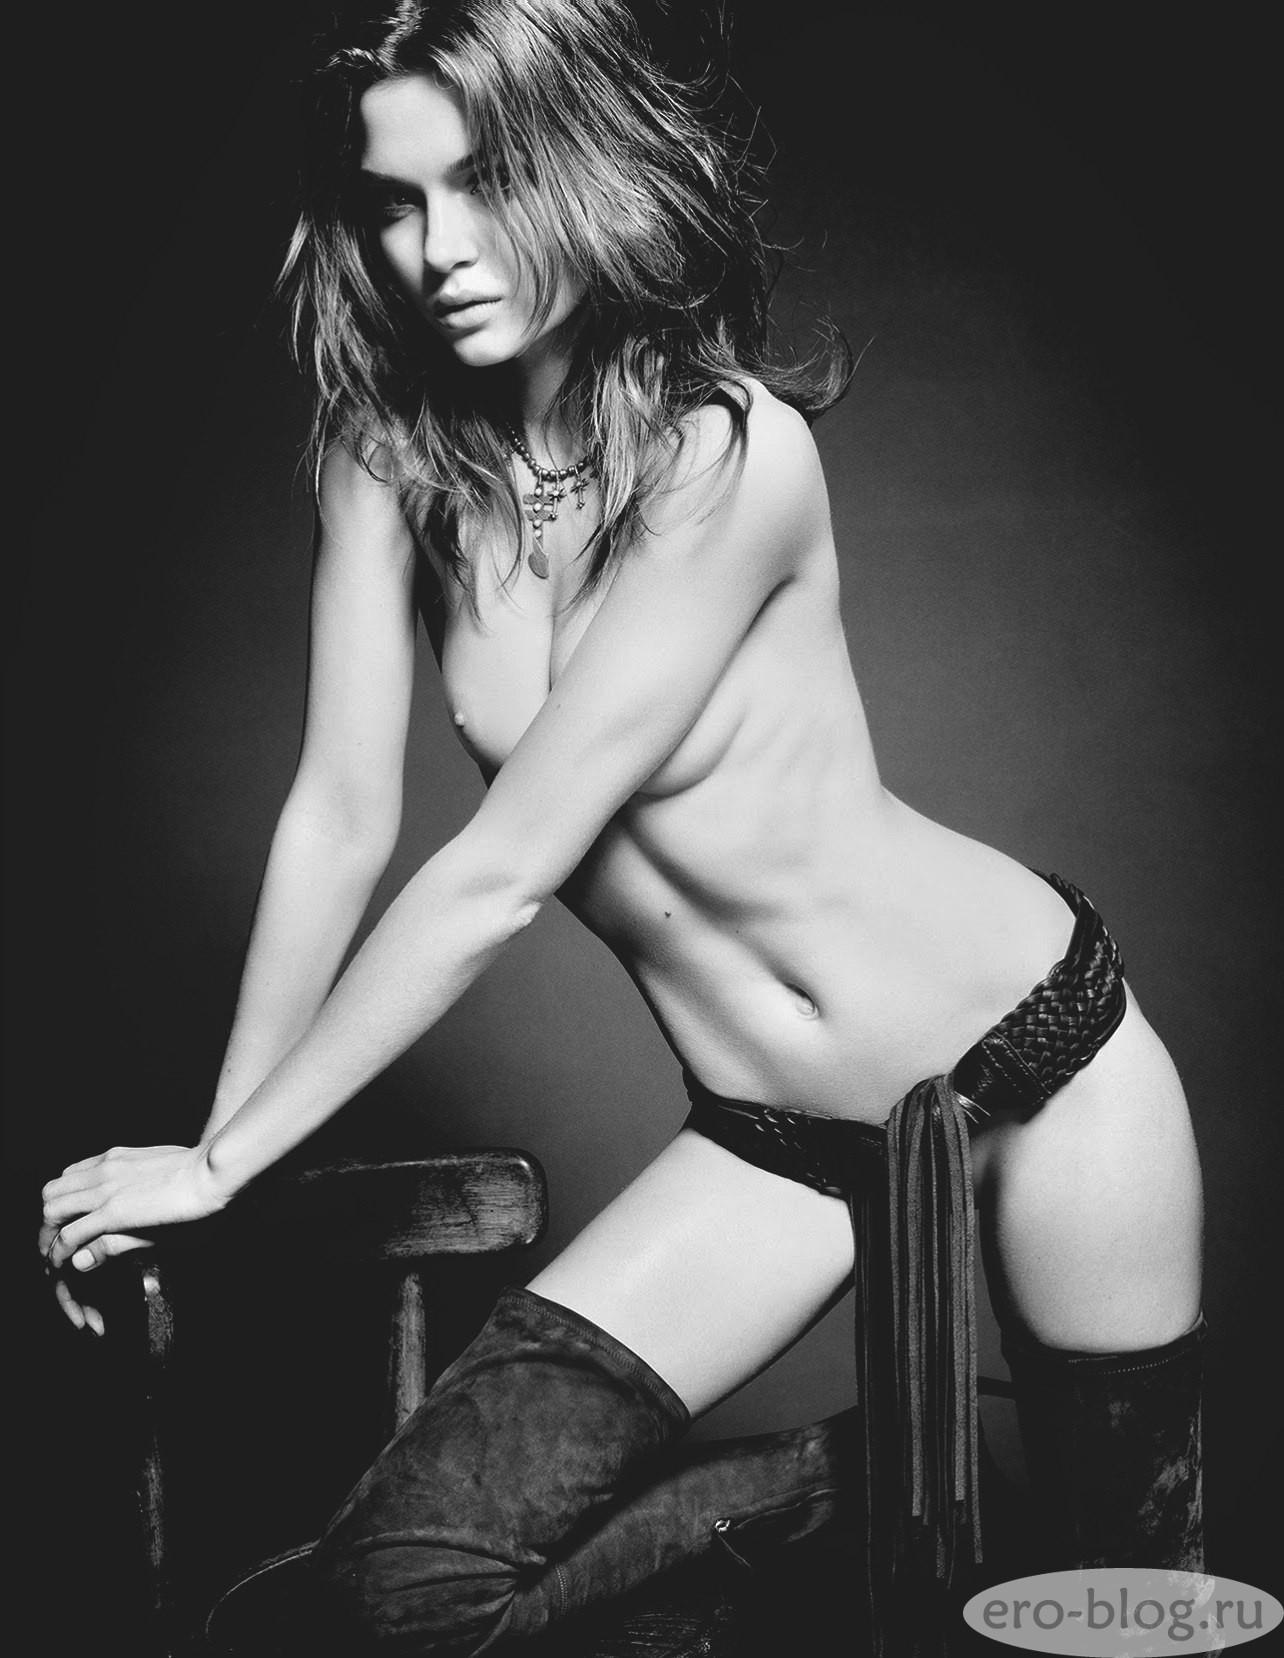 Голая обнаженная Josephine Skriver | Жозефин Скривер интимные фото звезды